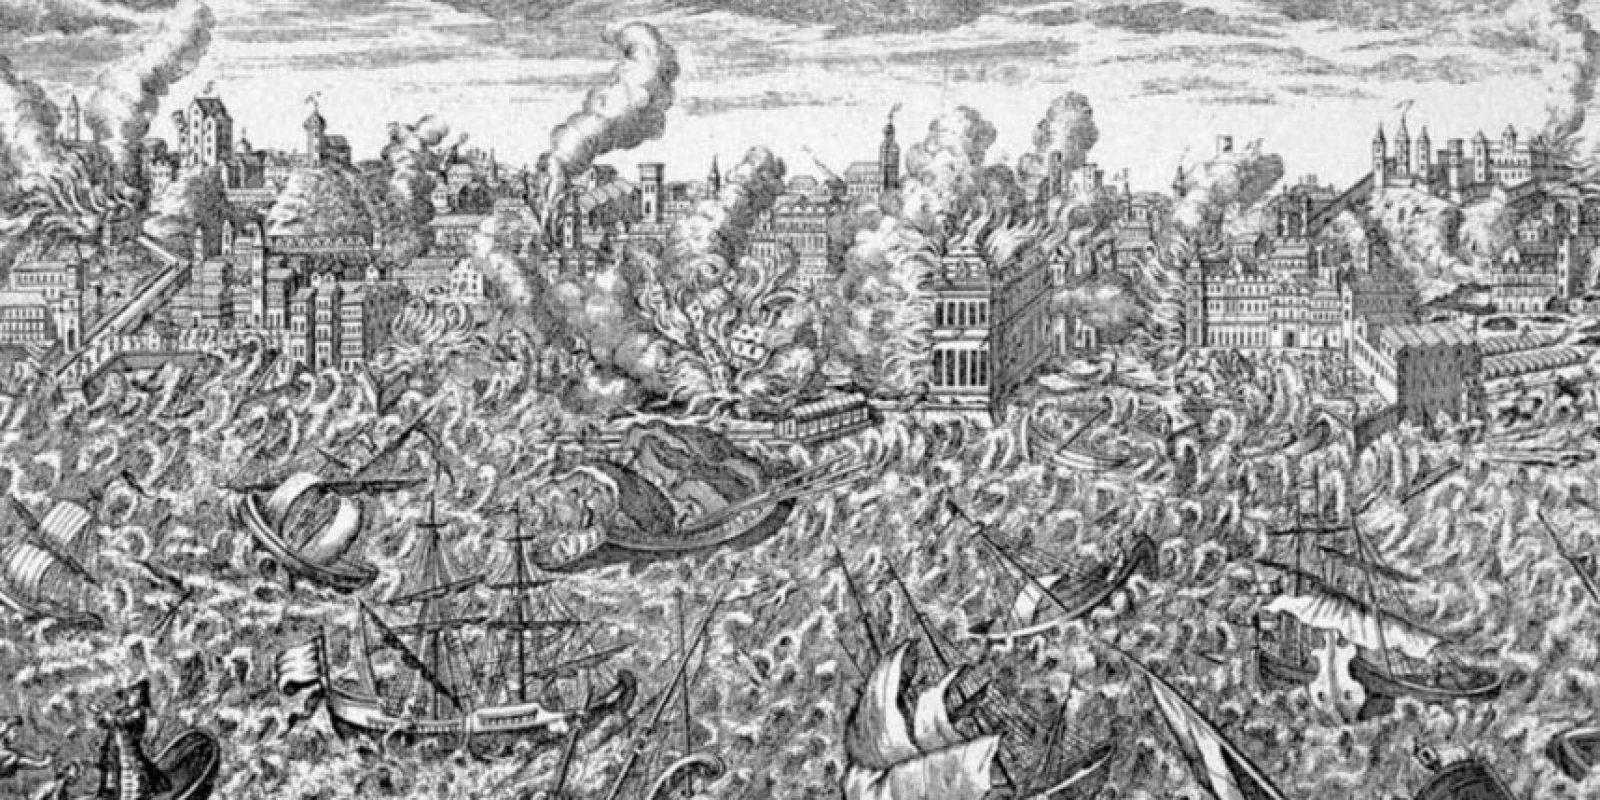 Ni siquiera con el terremoto de Lisboa en el siglo XVIII. No hubo una Luna Negra de antesala.